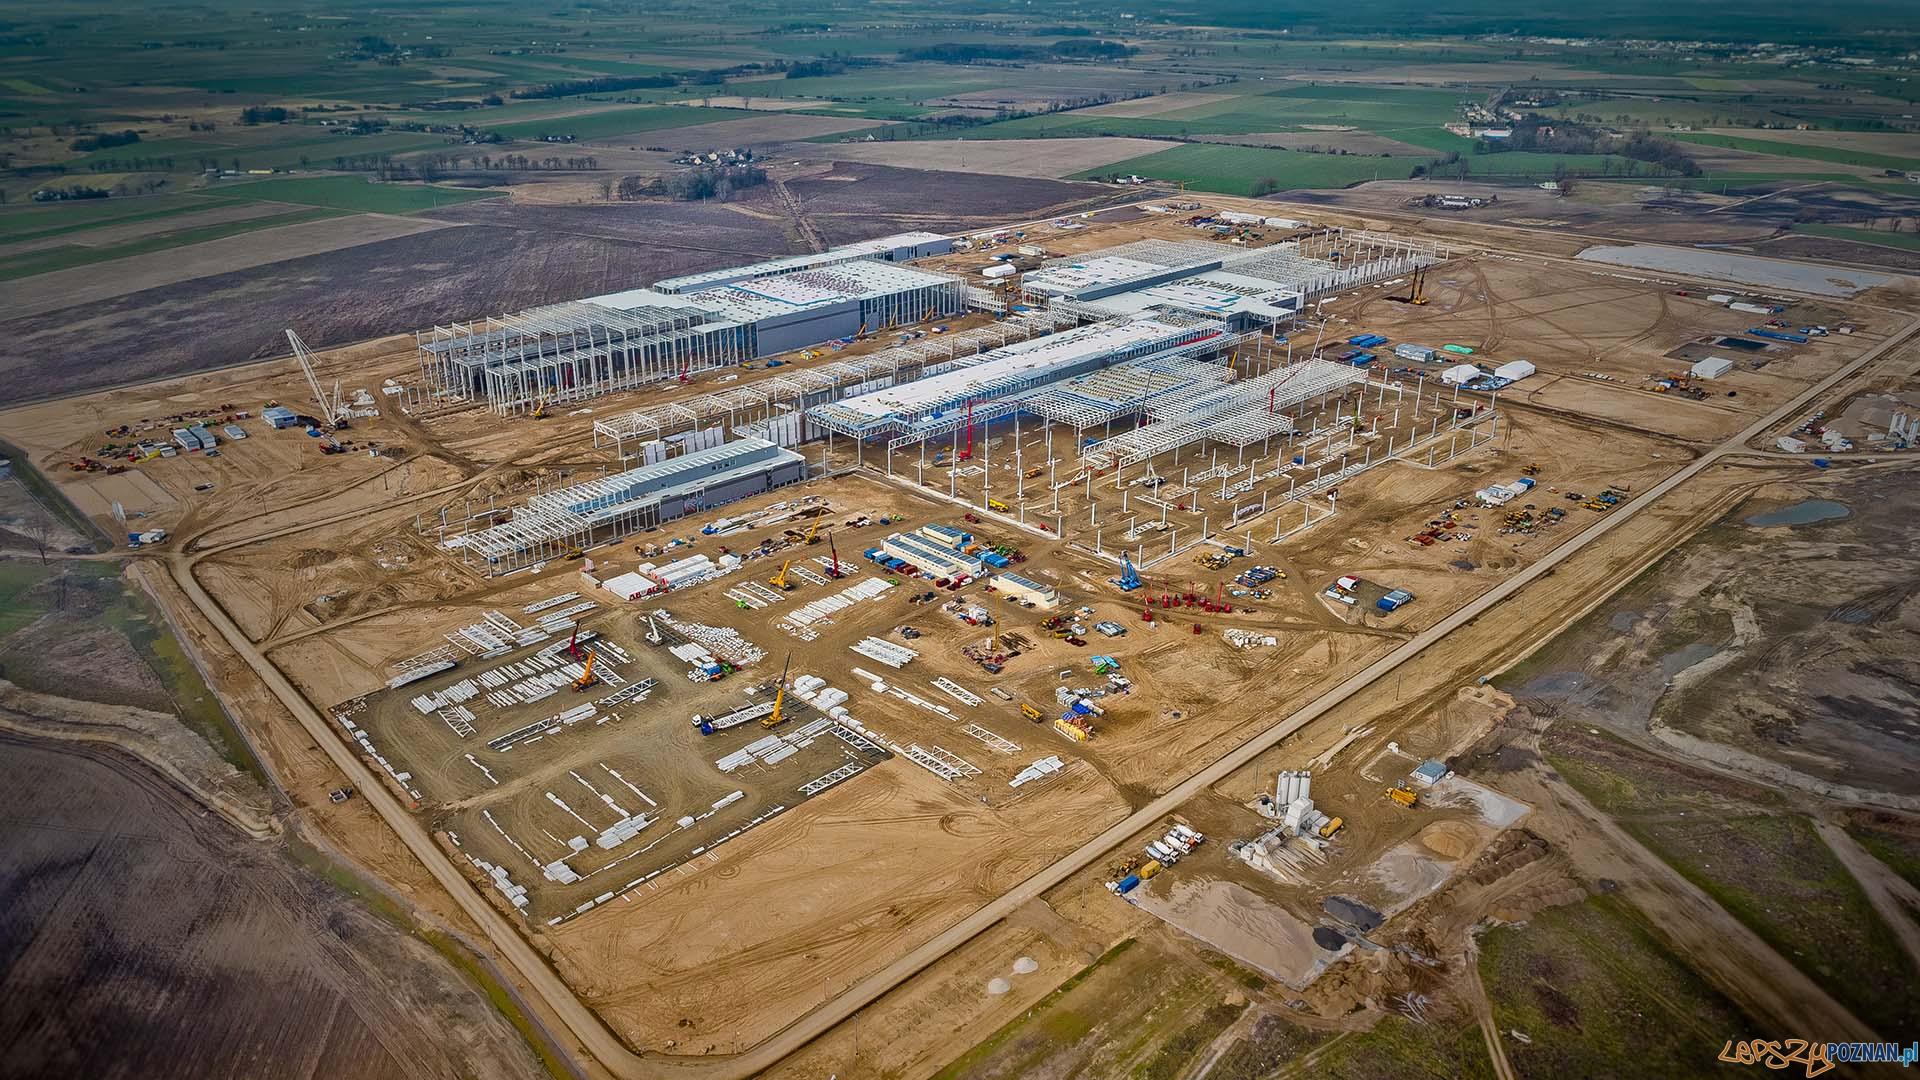 Budiowa fabryki Volkswagena pod Wrześnią (3)  Foto: